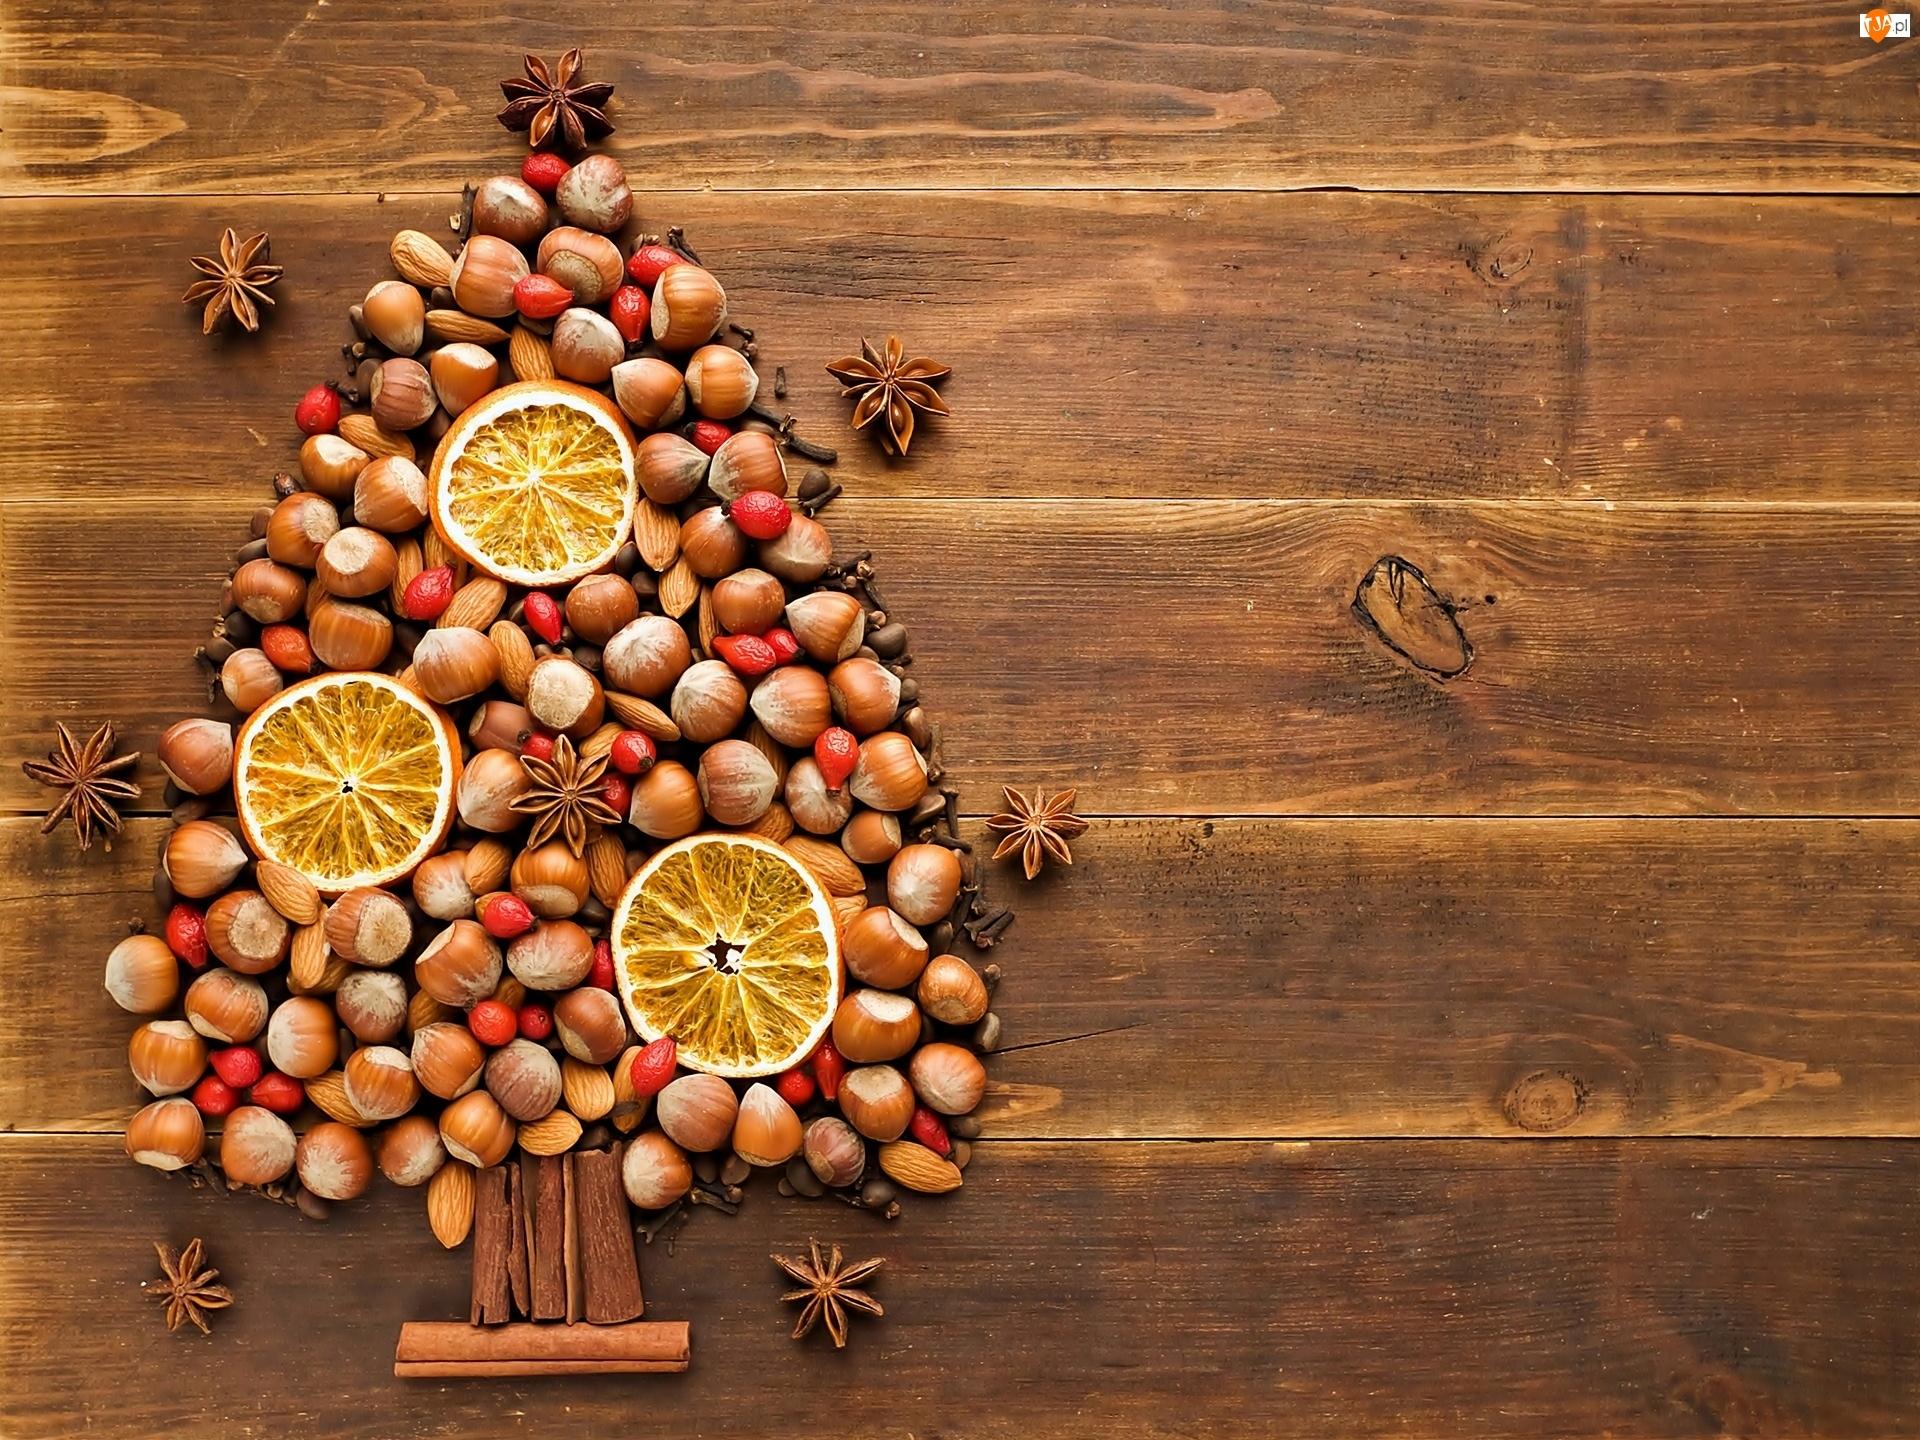 Świąteczne, Choinka, Cytryny, Orzechy, Cynamon